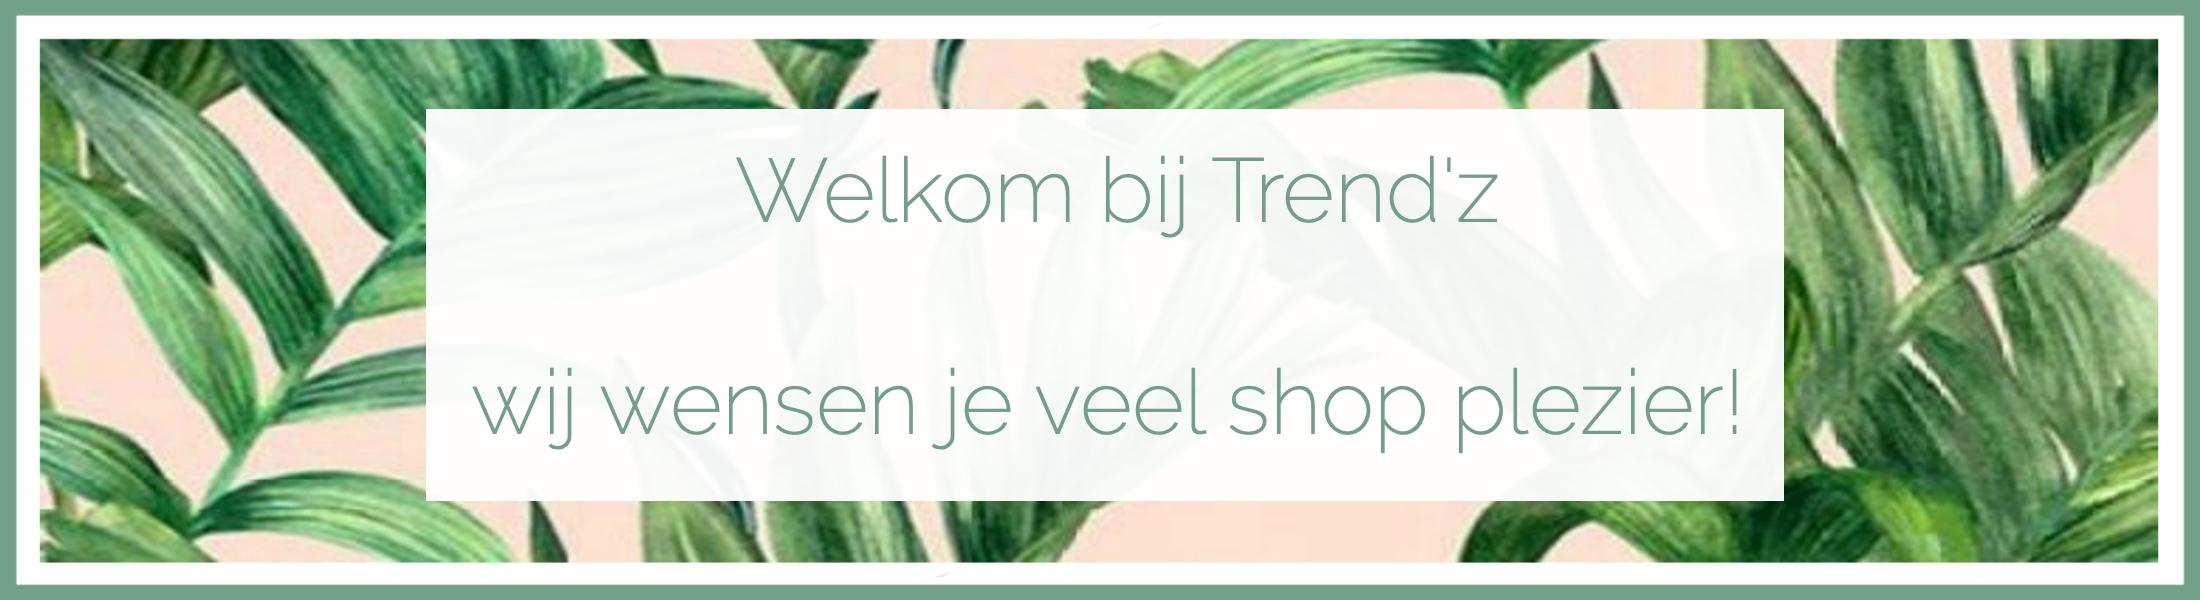 banner shopplezier